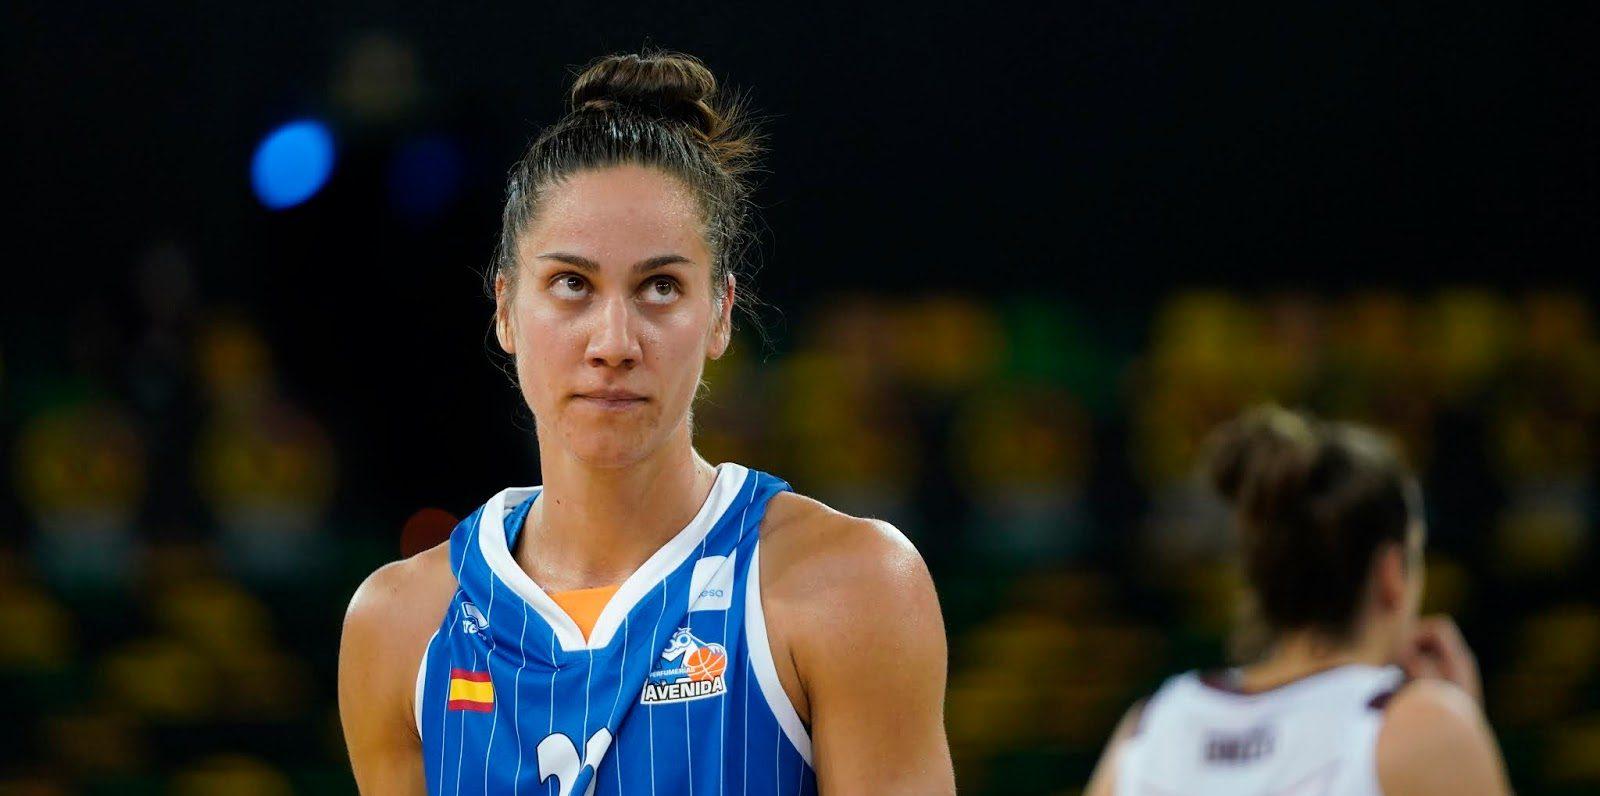 """Nikolina Milić: """"Tienes que creer siempre que todo es posible"""""""